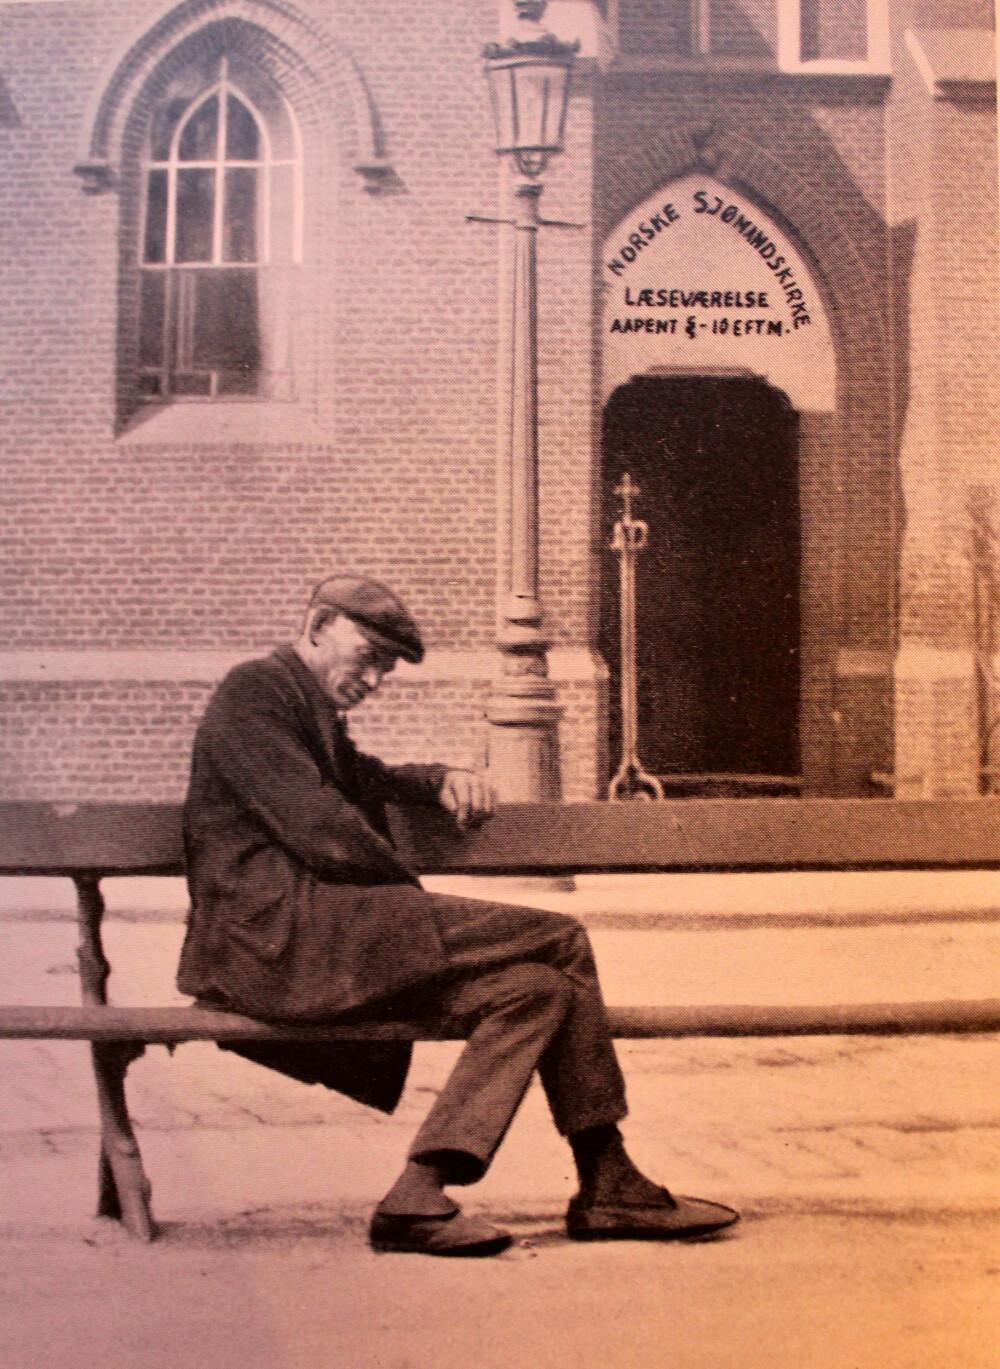 <strong>SOSIALT PROBLEM:</strong> En døddrukkenn norsk sjømann på benken foran den norske sjømannskirken i Antwerpen. Hundrevis havnet på gata i 1920-årene, og det var et enormt sosialt problem.